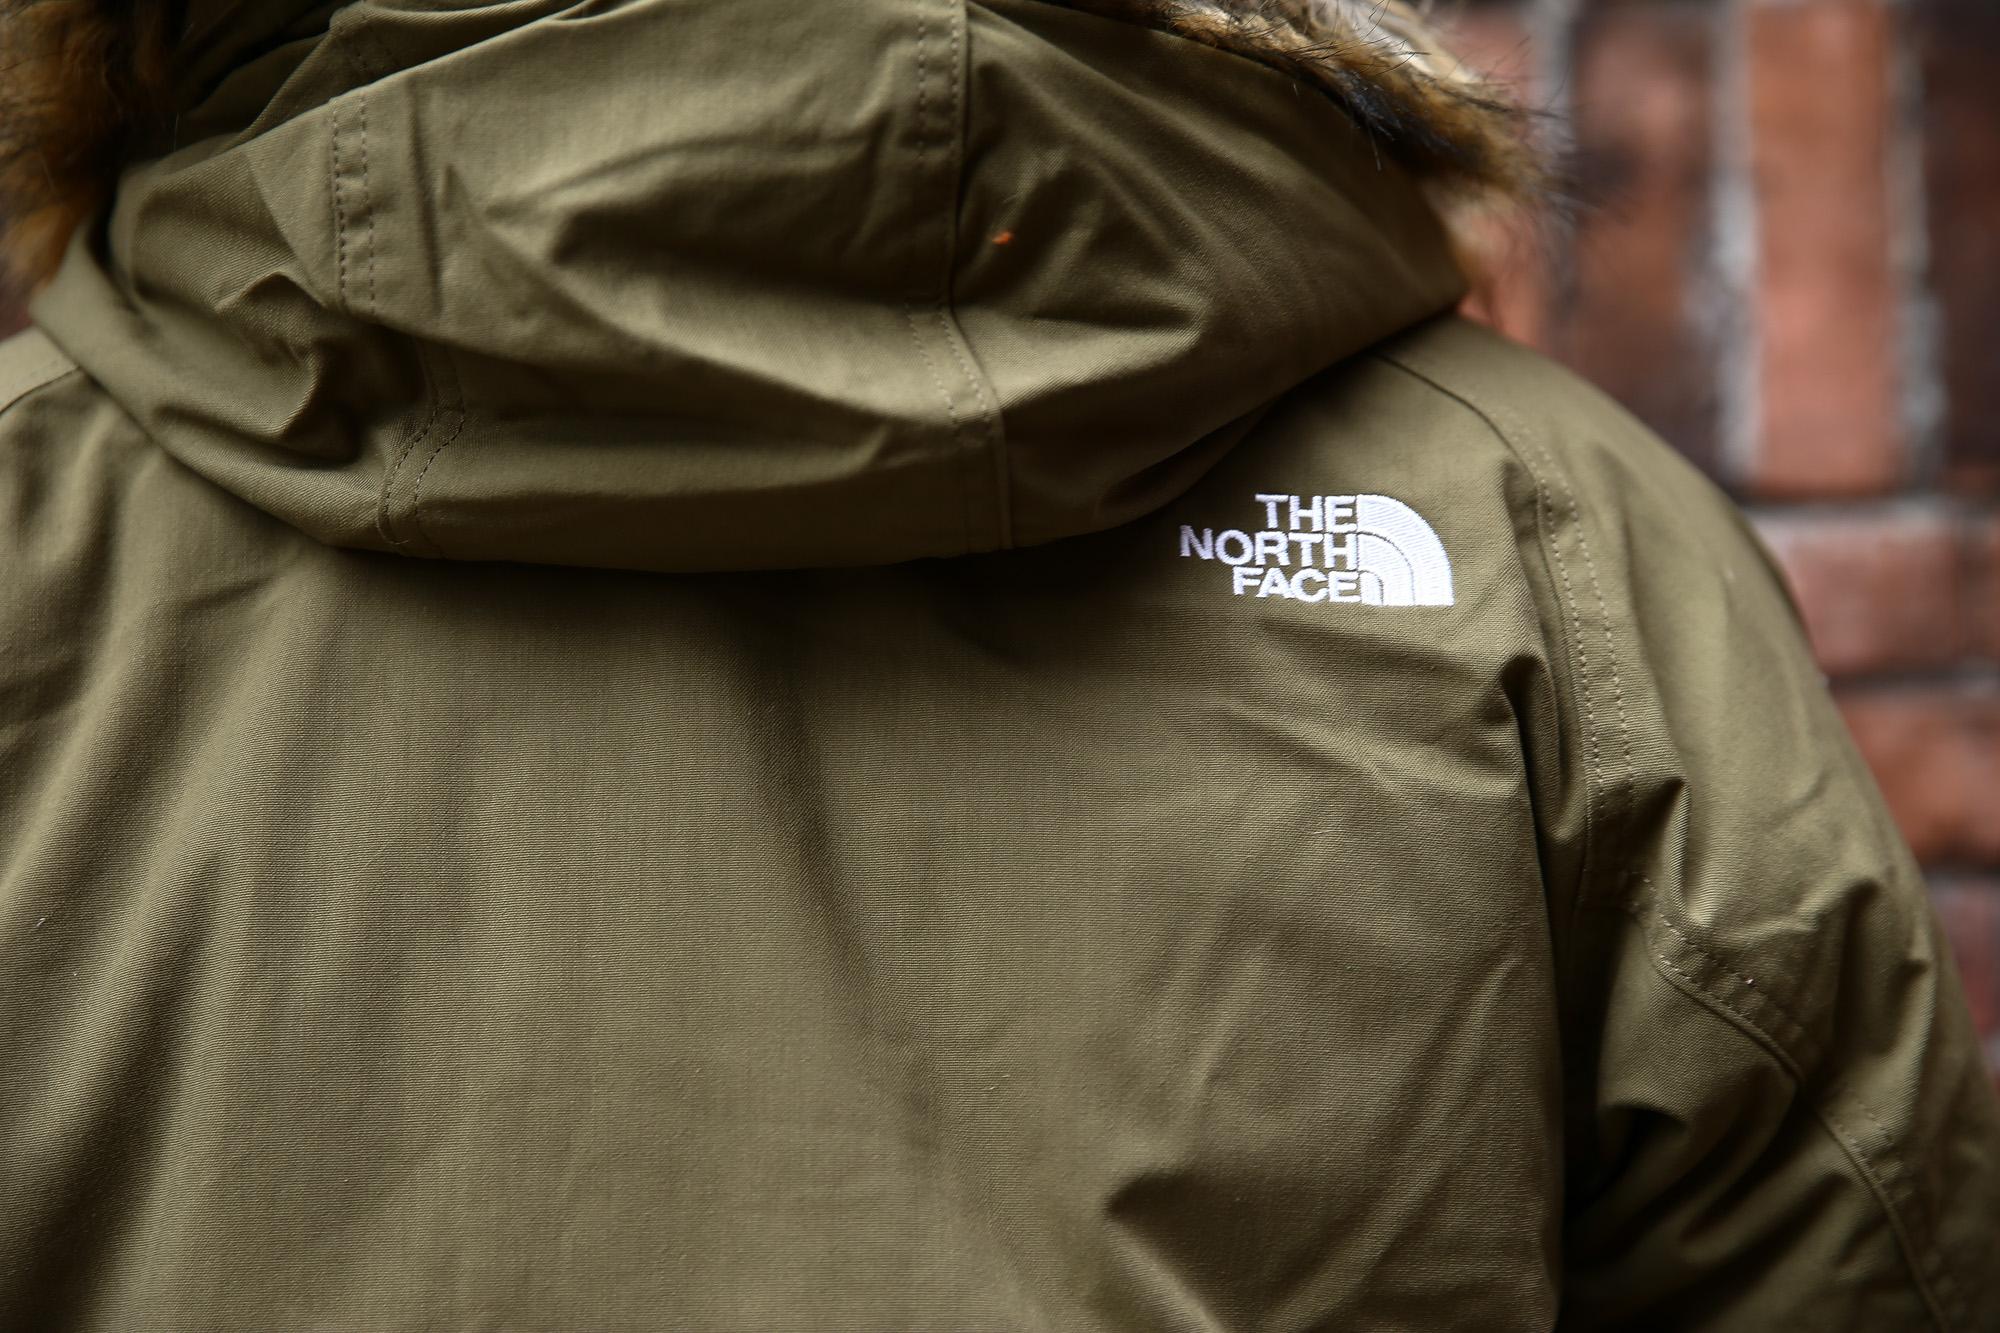 THE NORTH FACE (ザ・ノースフェイス) McMurdo Parka マクマードパーカー CEBONNER OX 600フィルダウン ファーフーディー ダウンジャケットNEW KHAKI (ニューカーキ・NK)  2016 秋冬新作 のコーディネート画像。愛知 名古屋 ZODIAC ゾディアック ノースフェイス マクマードパーカー ダウン 登山 アウトドア 南極